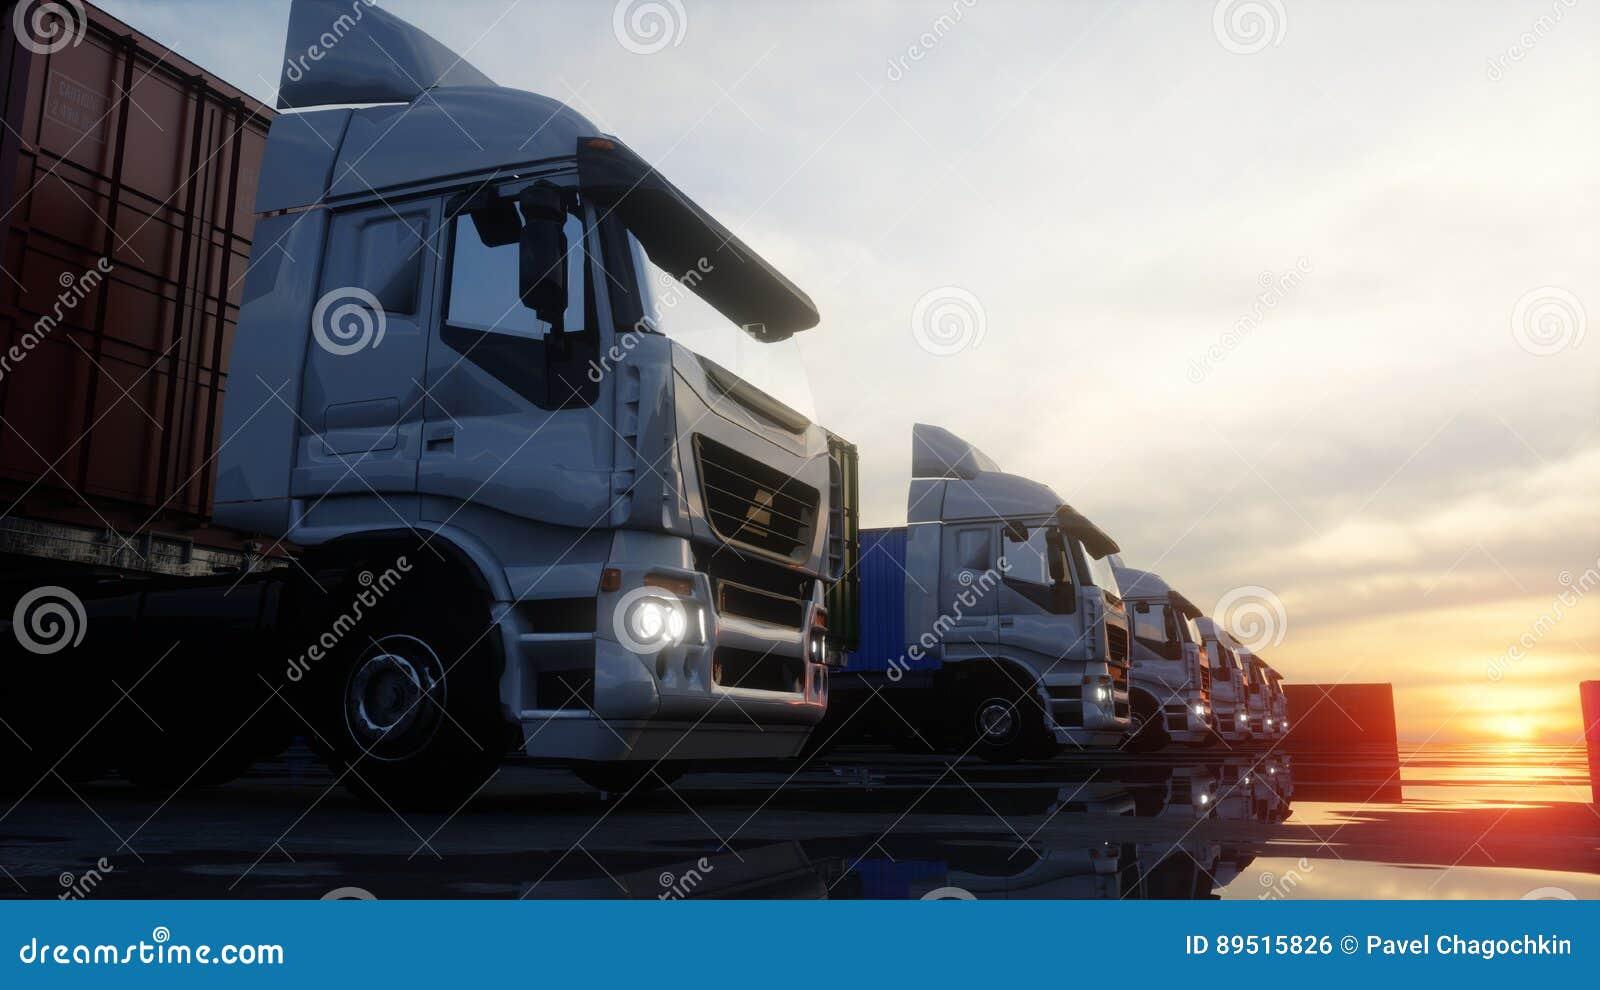 Тележка в депо контейнера, складе, морском порте представленное изображение грузовых контейнеров 3d Концепция логистических и дел